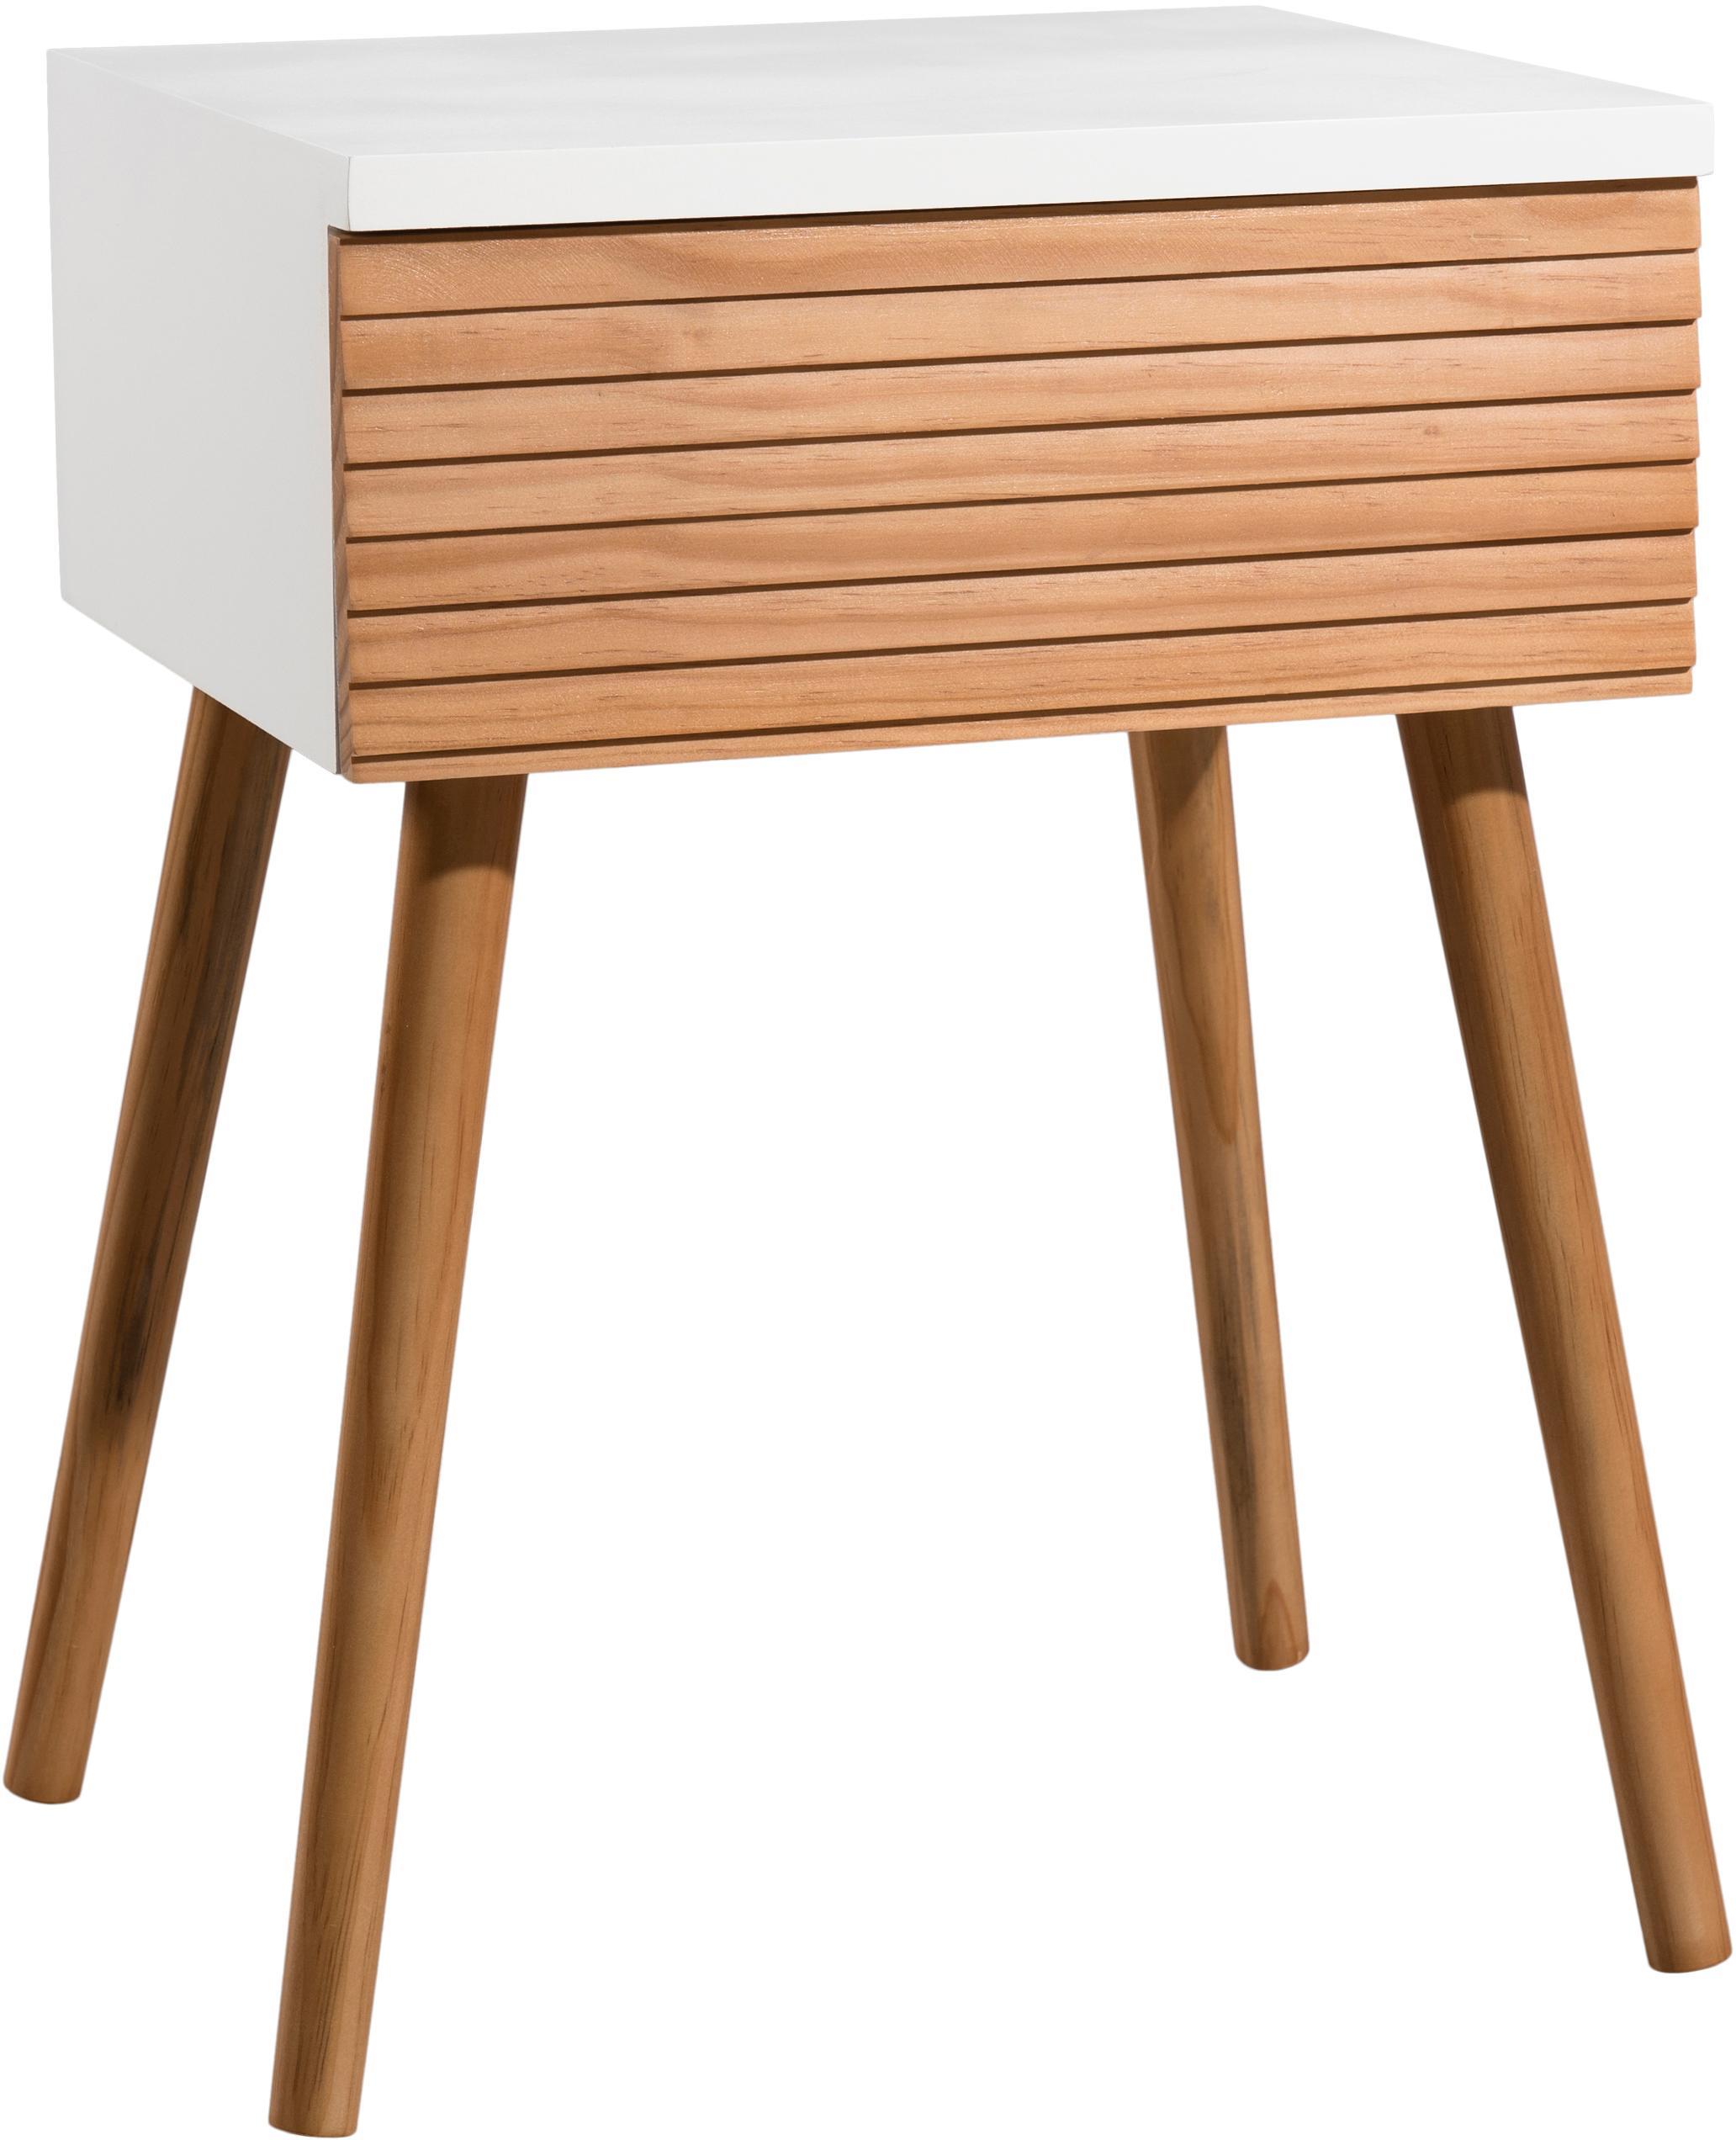 Szafka nocna scandi Pedro z szufladą, Korpus: płyta pilśniowa średniej , Biały, drewno sosnowe, S 40 x W 56 cm